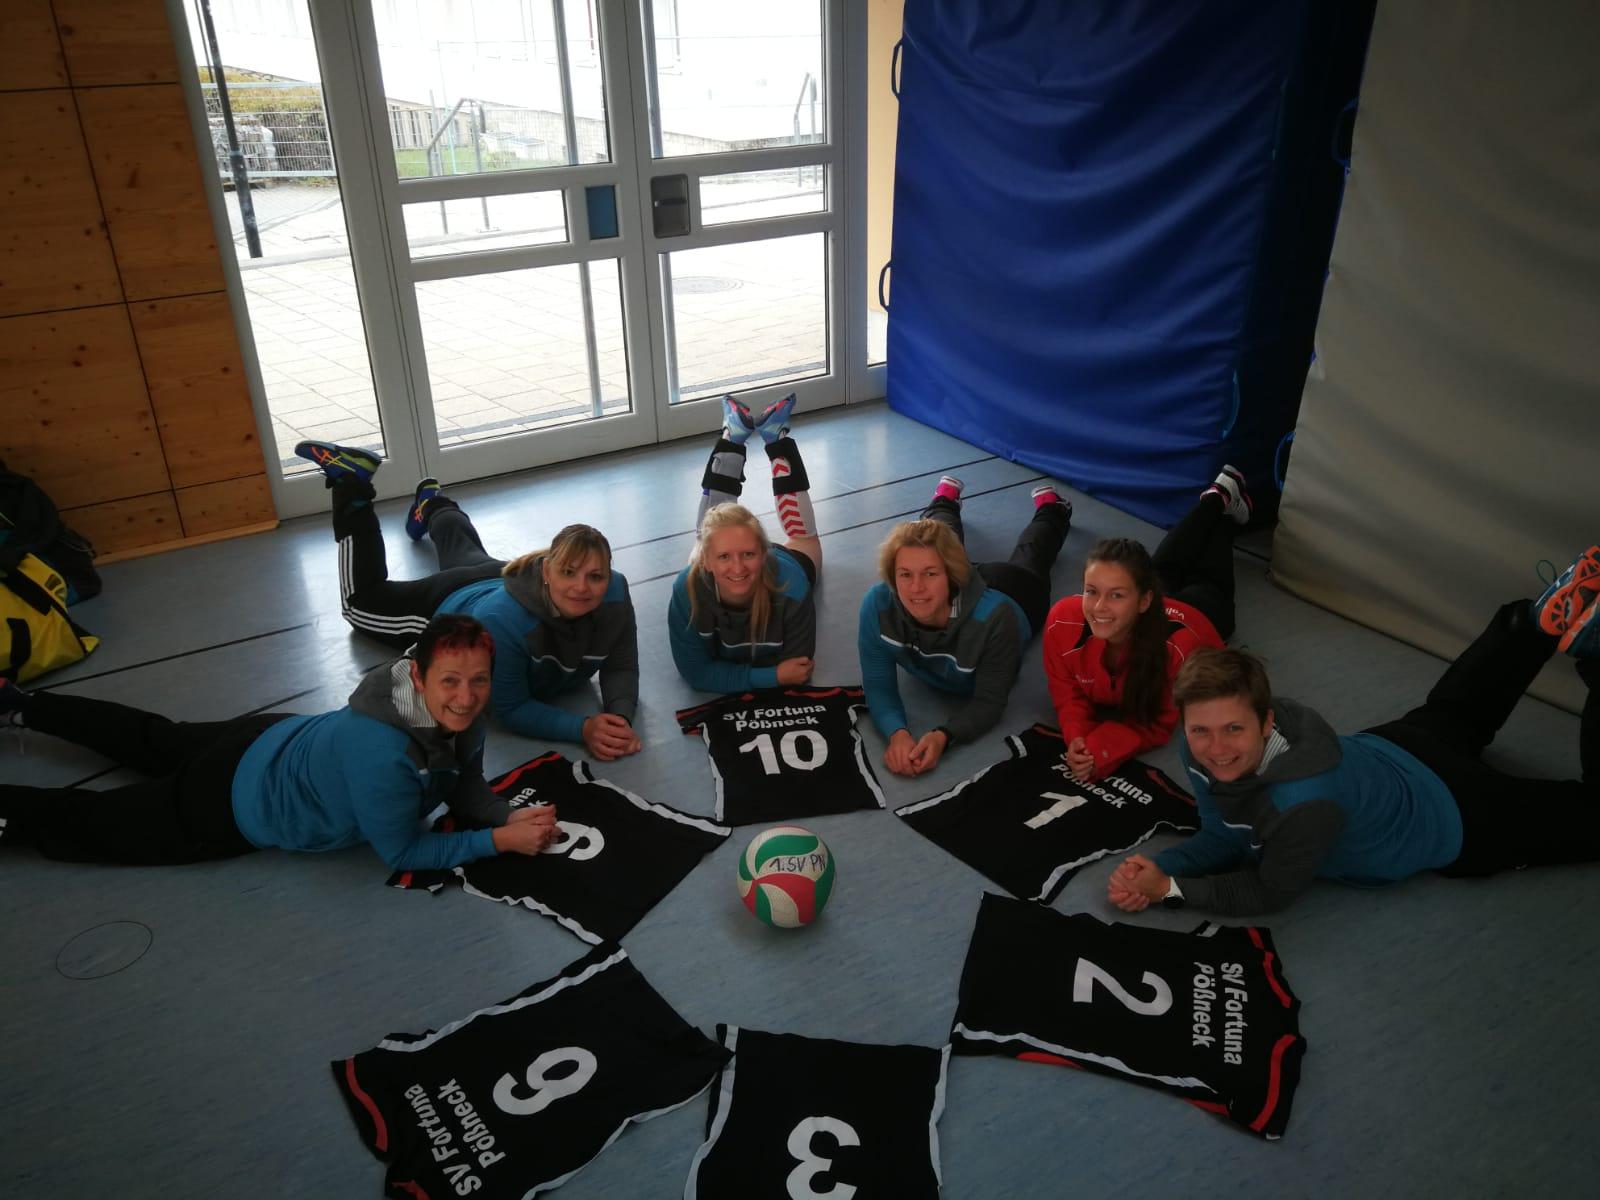 Zweiter Spieltag Volleyball Verbandsliga Nord Damen - Thüringenrundfahrt leider ohne Punktgewinn